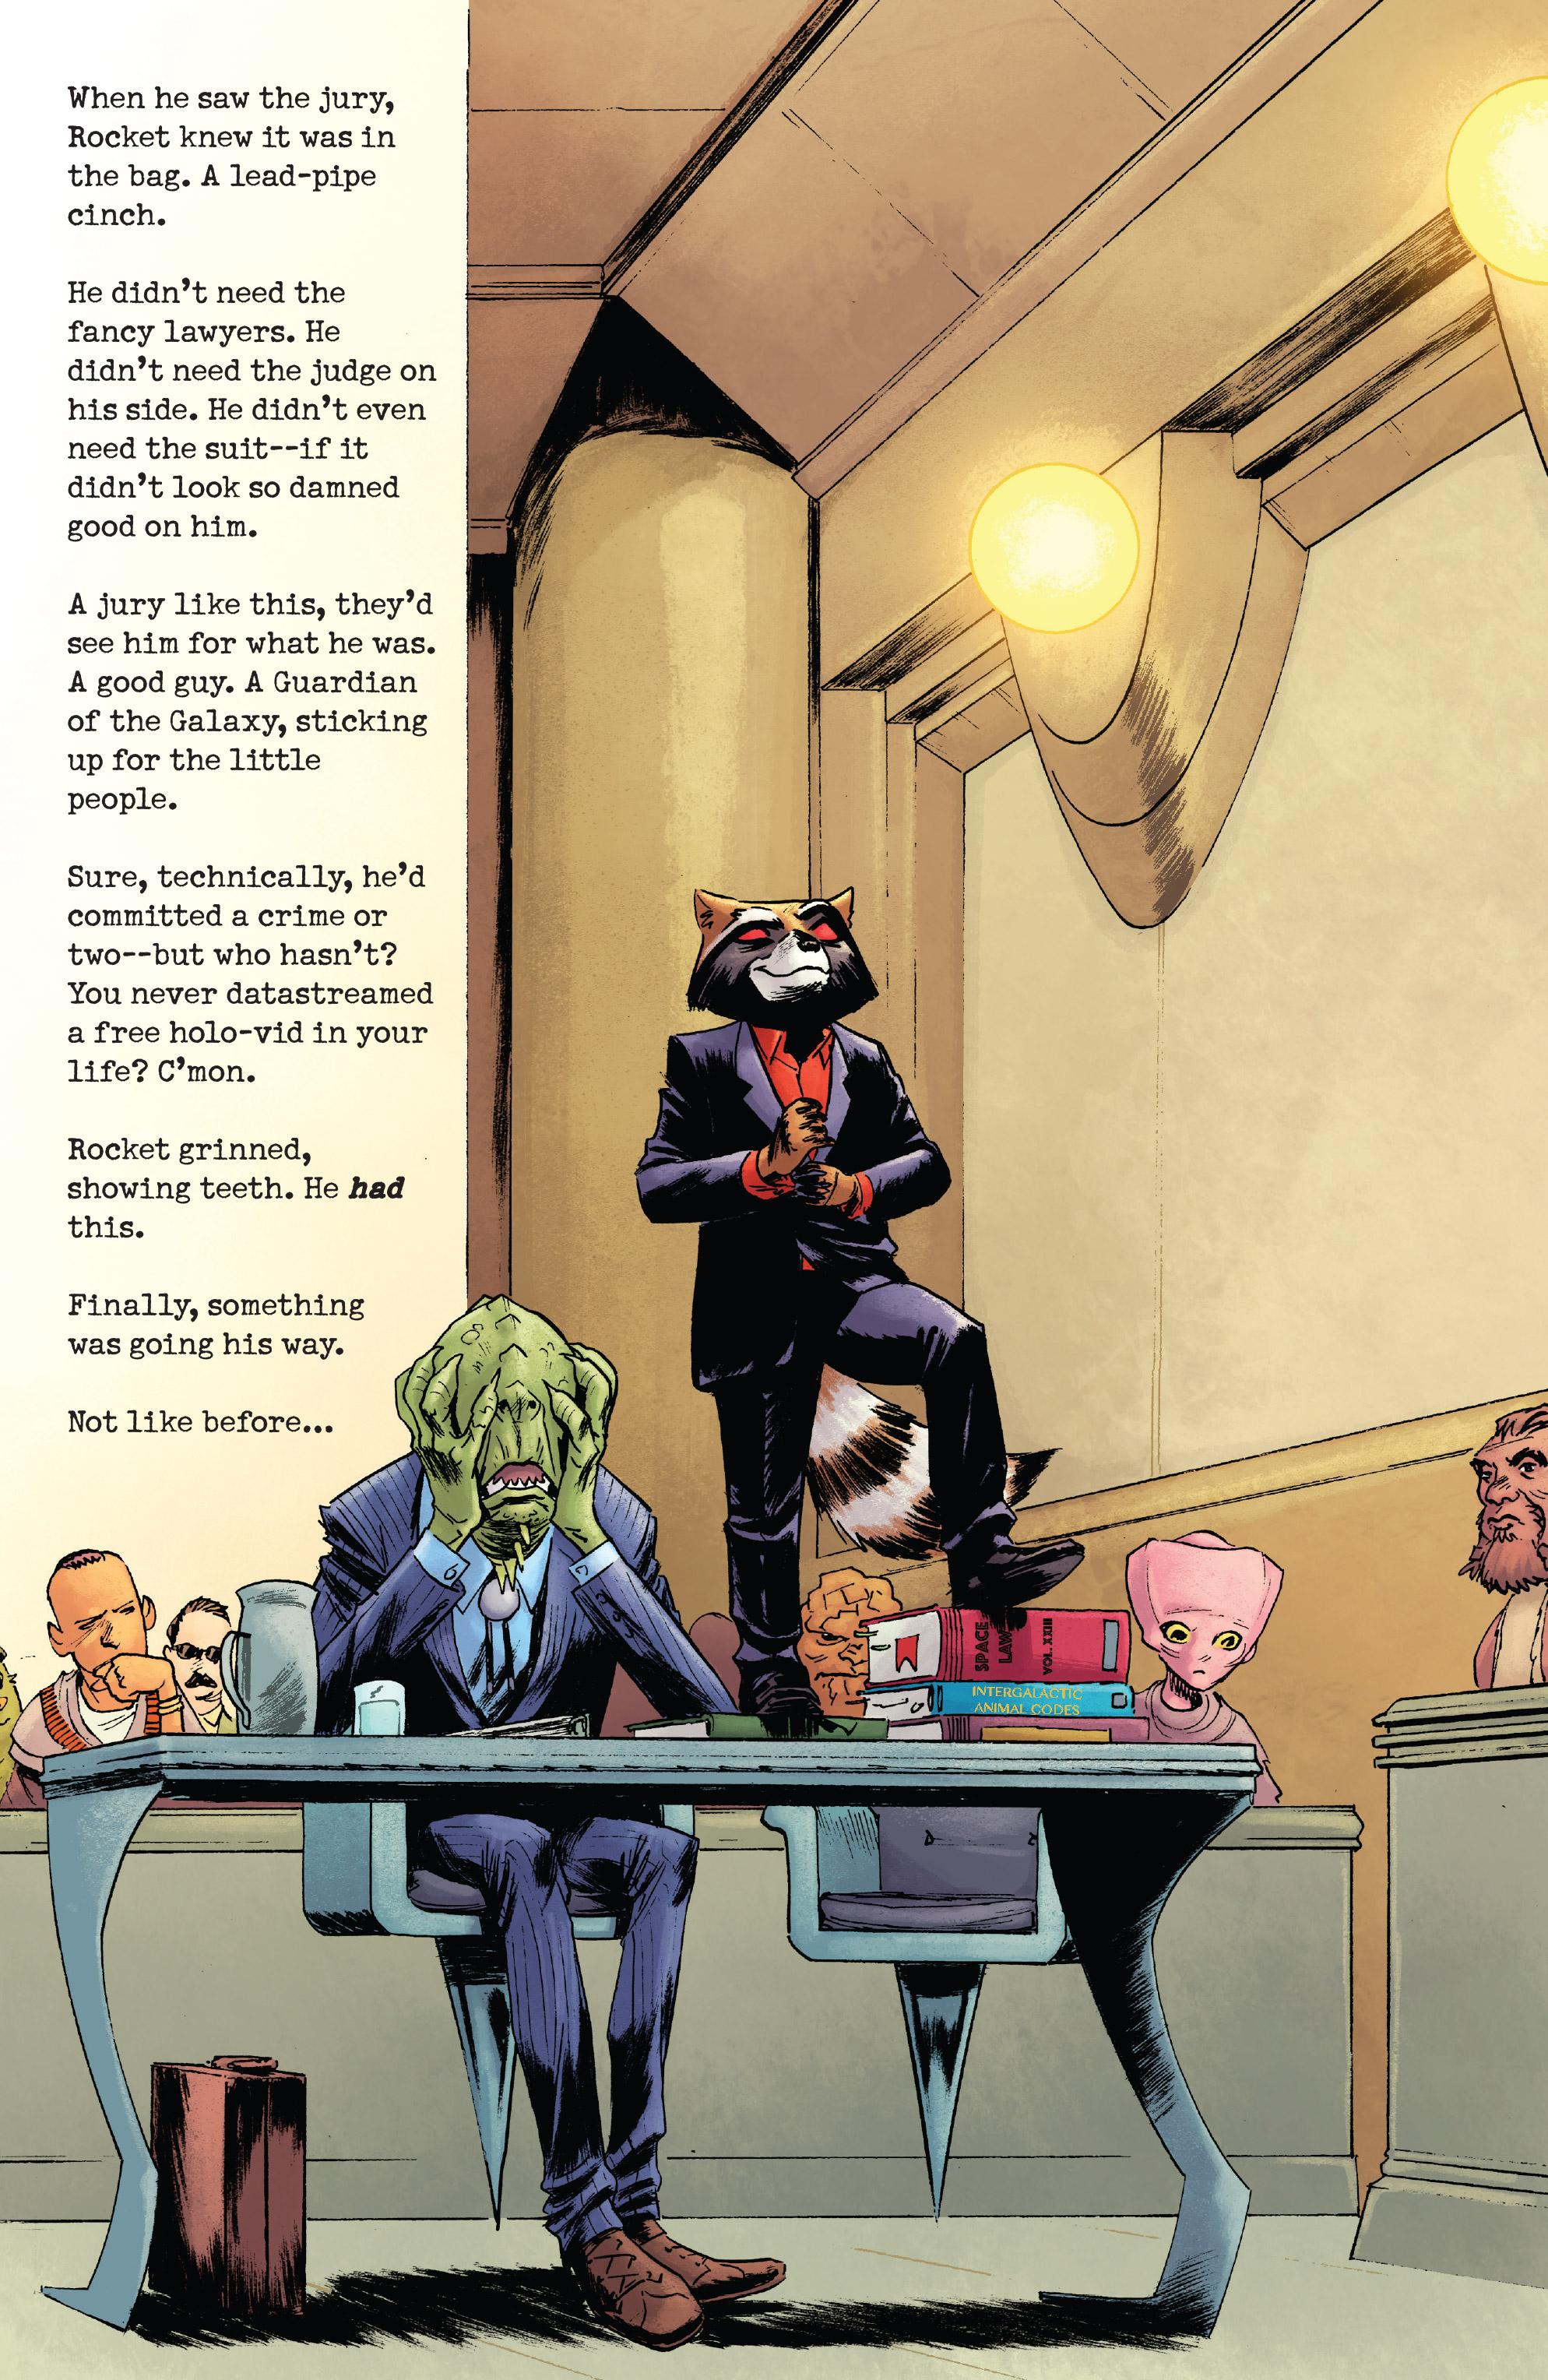 Read online Rocket comic -  Issue #2 - 3